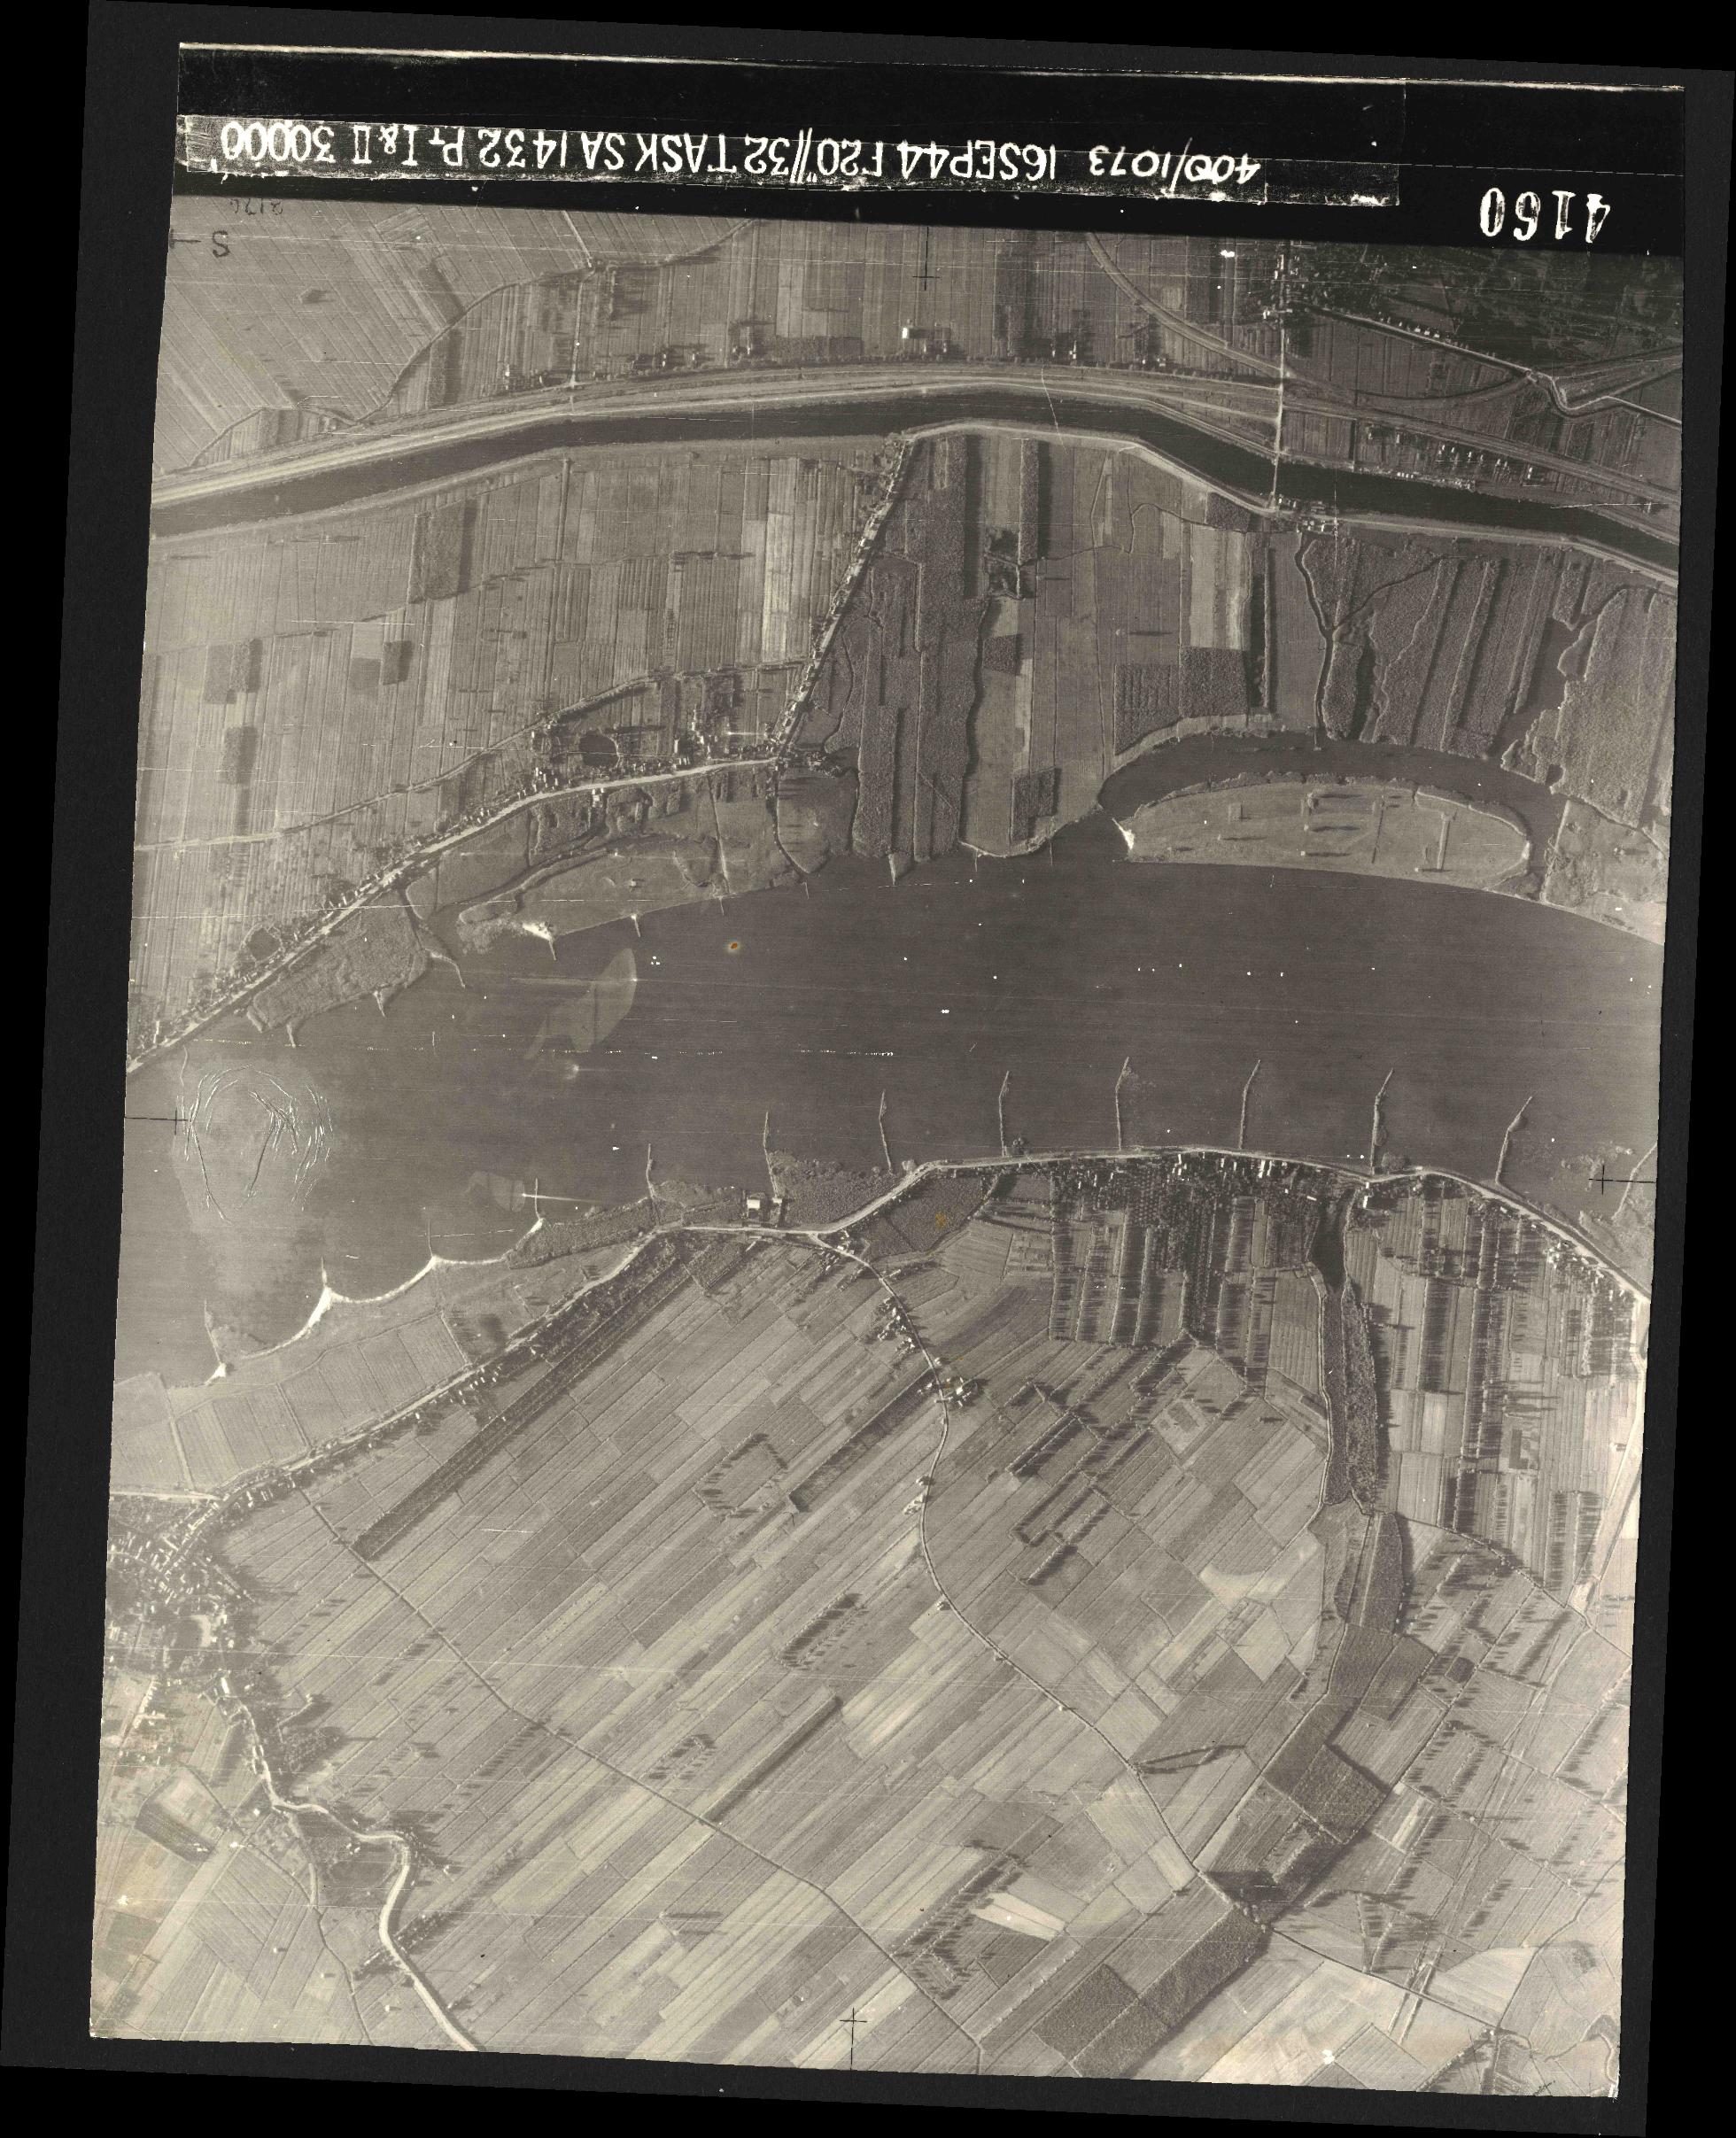 Collection RAF aerial photos 1940-1945 - flight 013, run 01, photo 4160